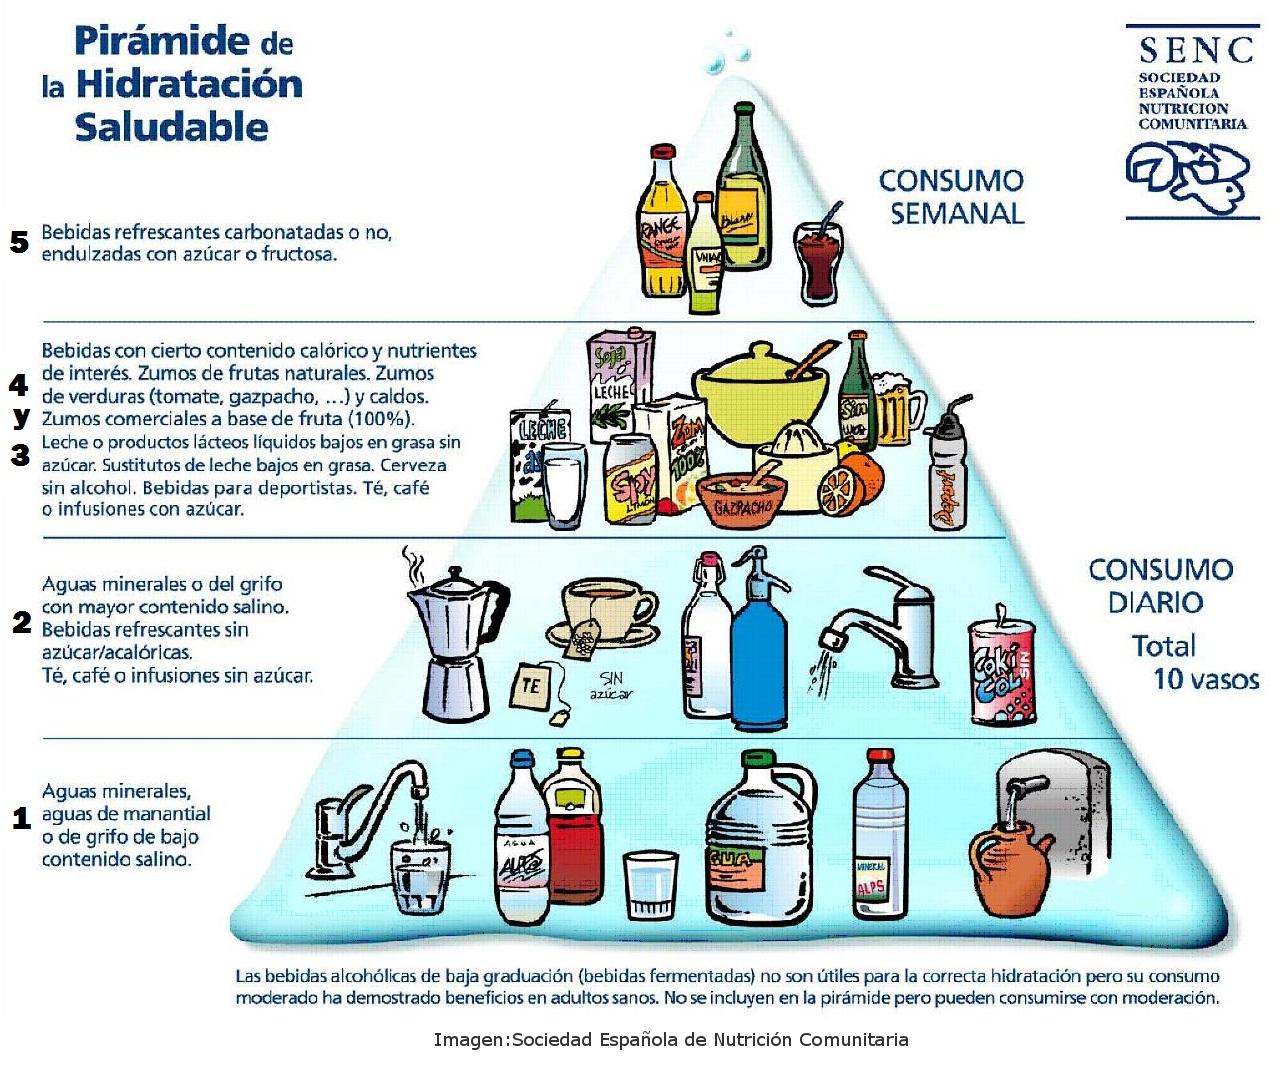 Pirámide de hidratación saludable. Sociedad española de nutrición comunitaria